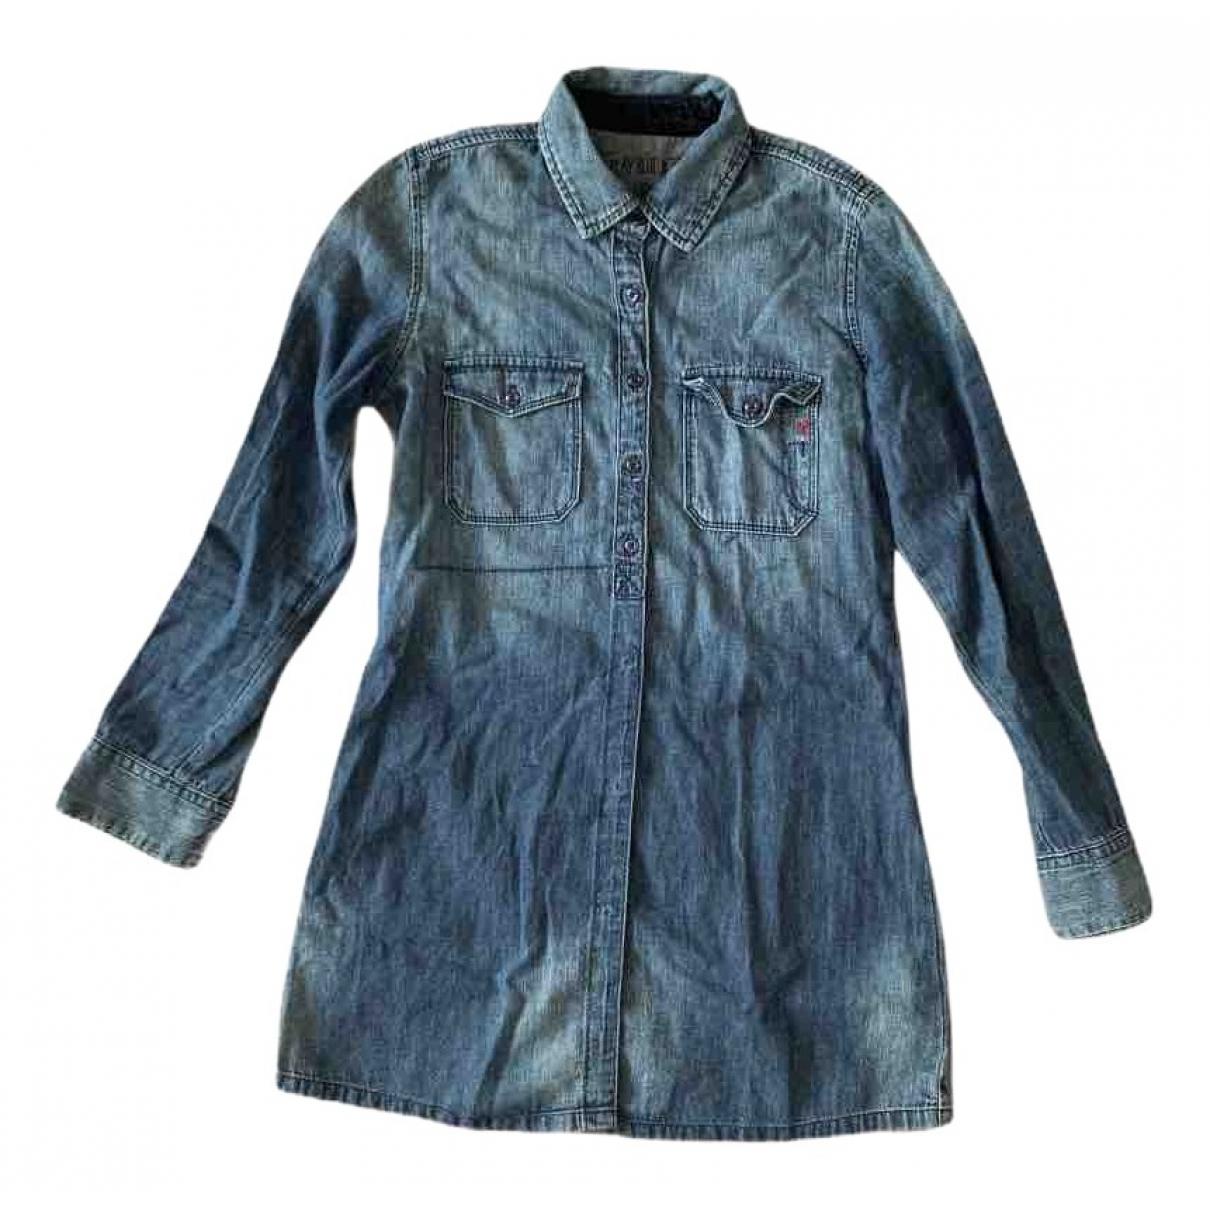 Replay \N Kleid in Denim - Jeans